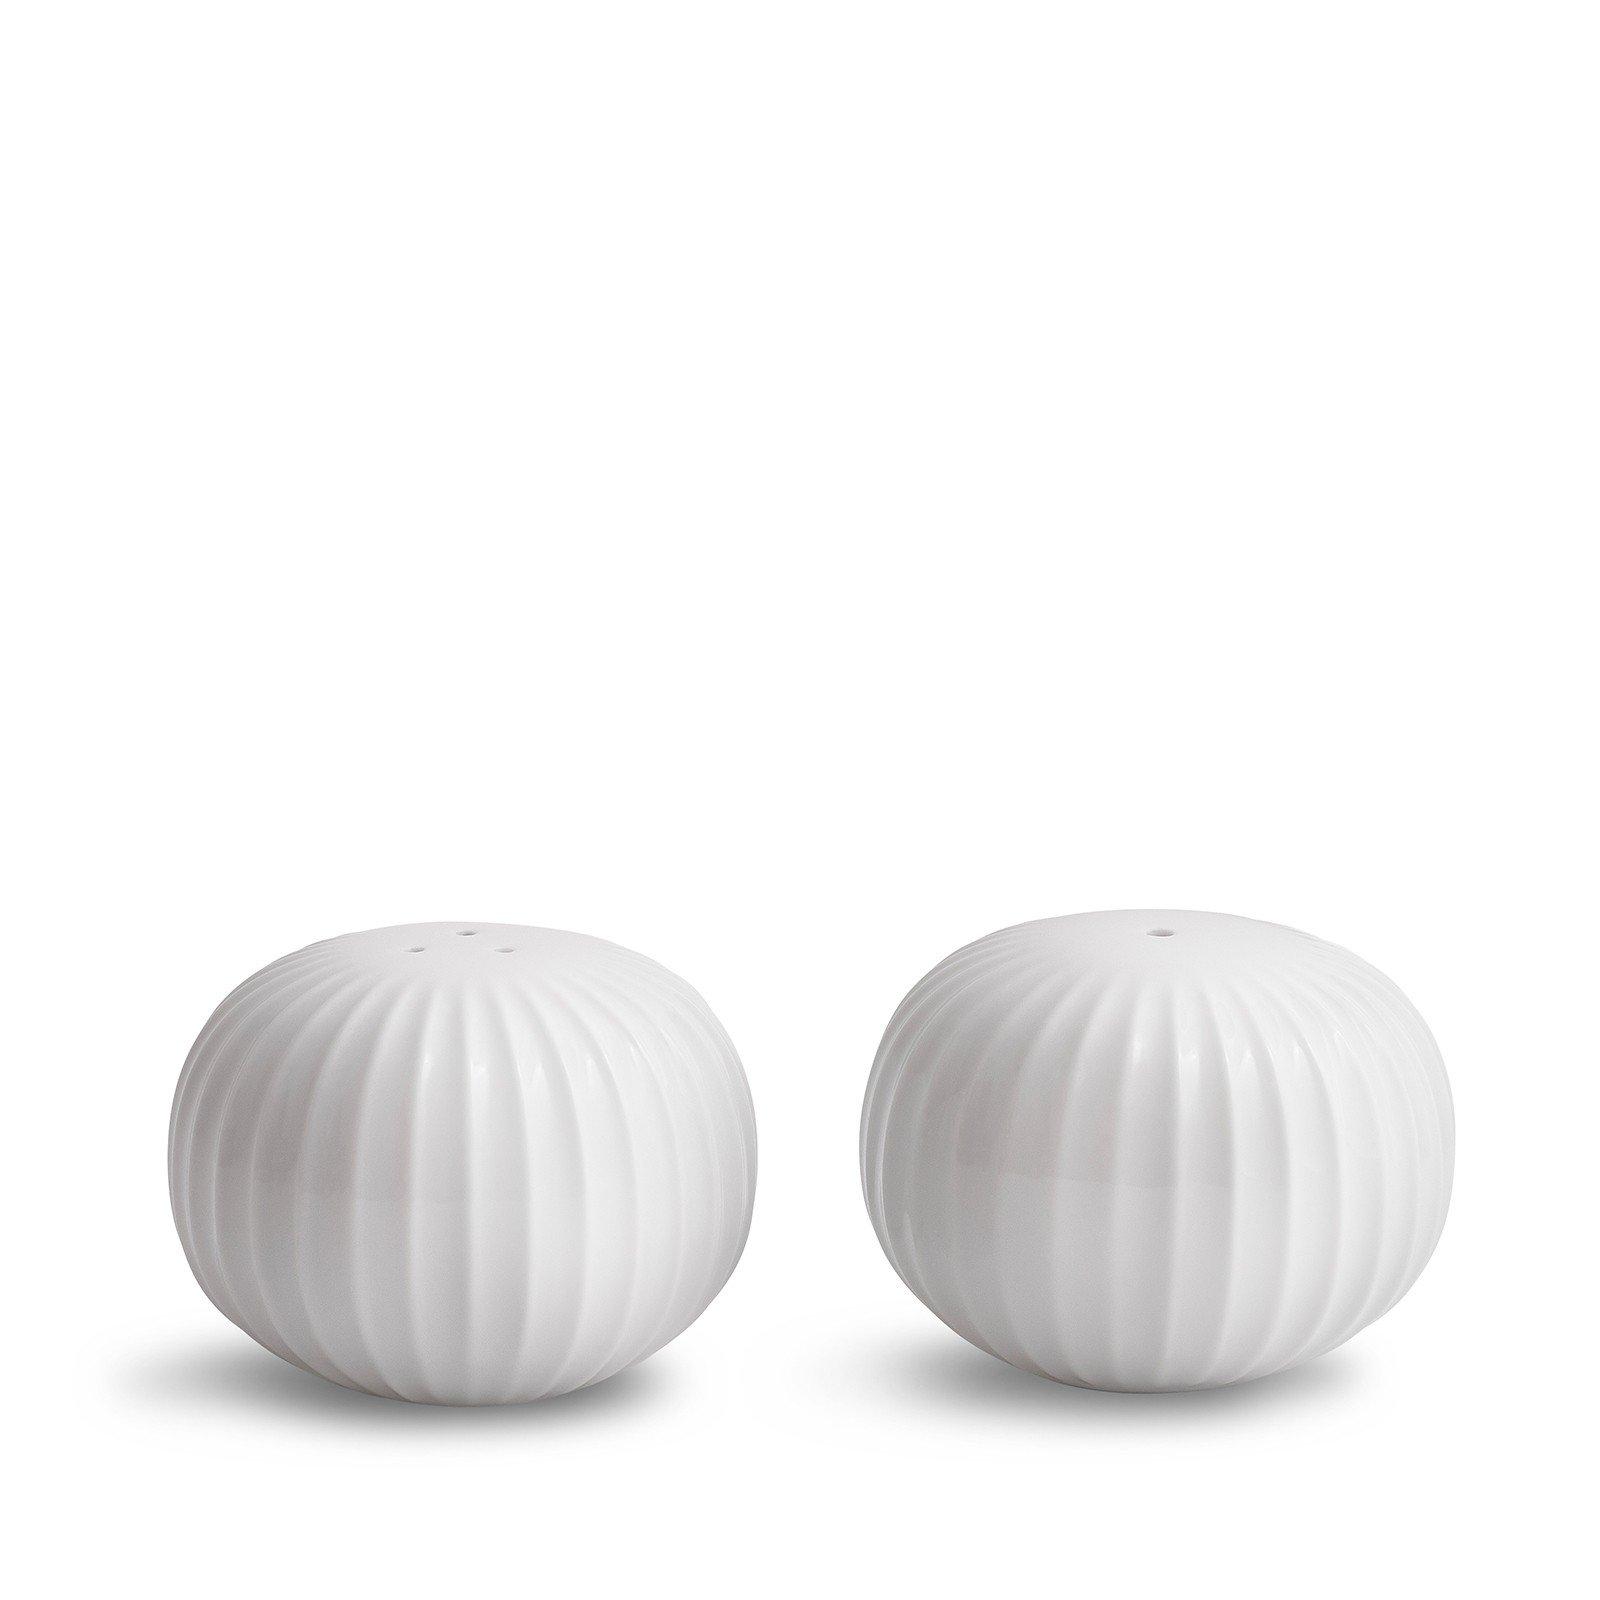 Kähler - Hammershøi Salt & Pepper Set - White (692265)